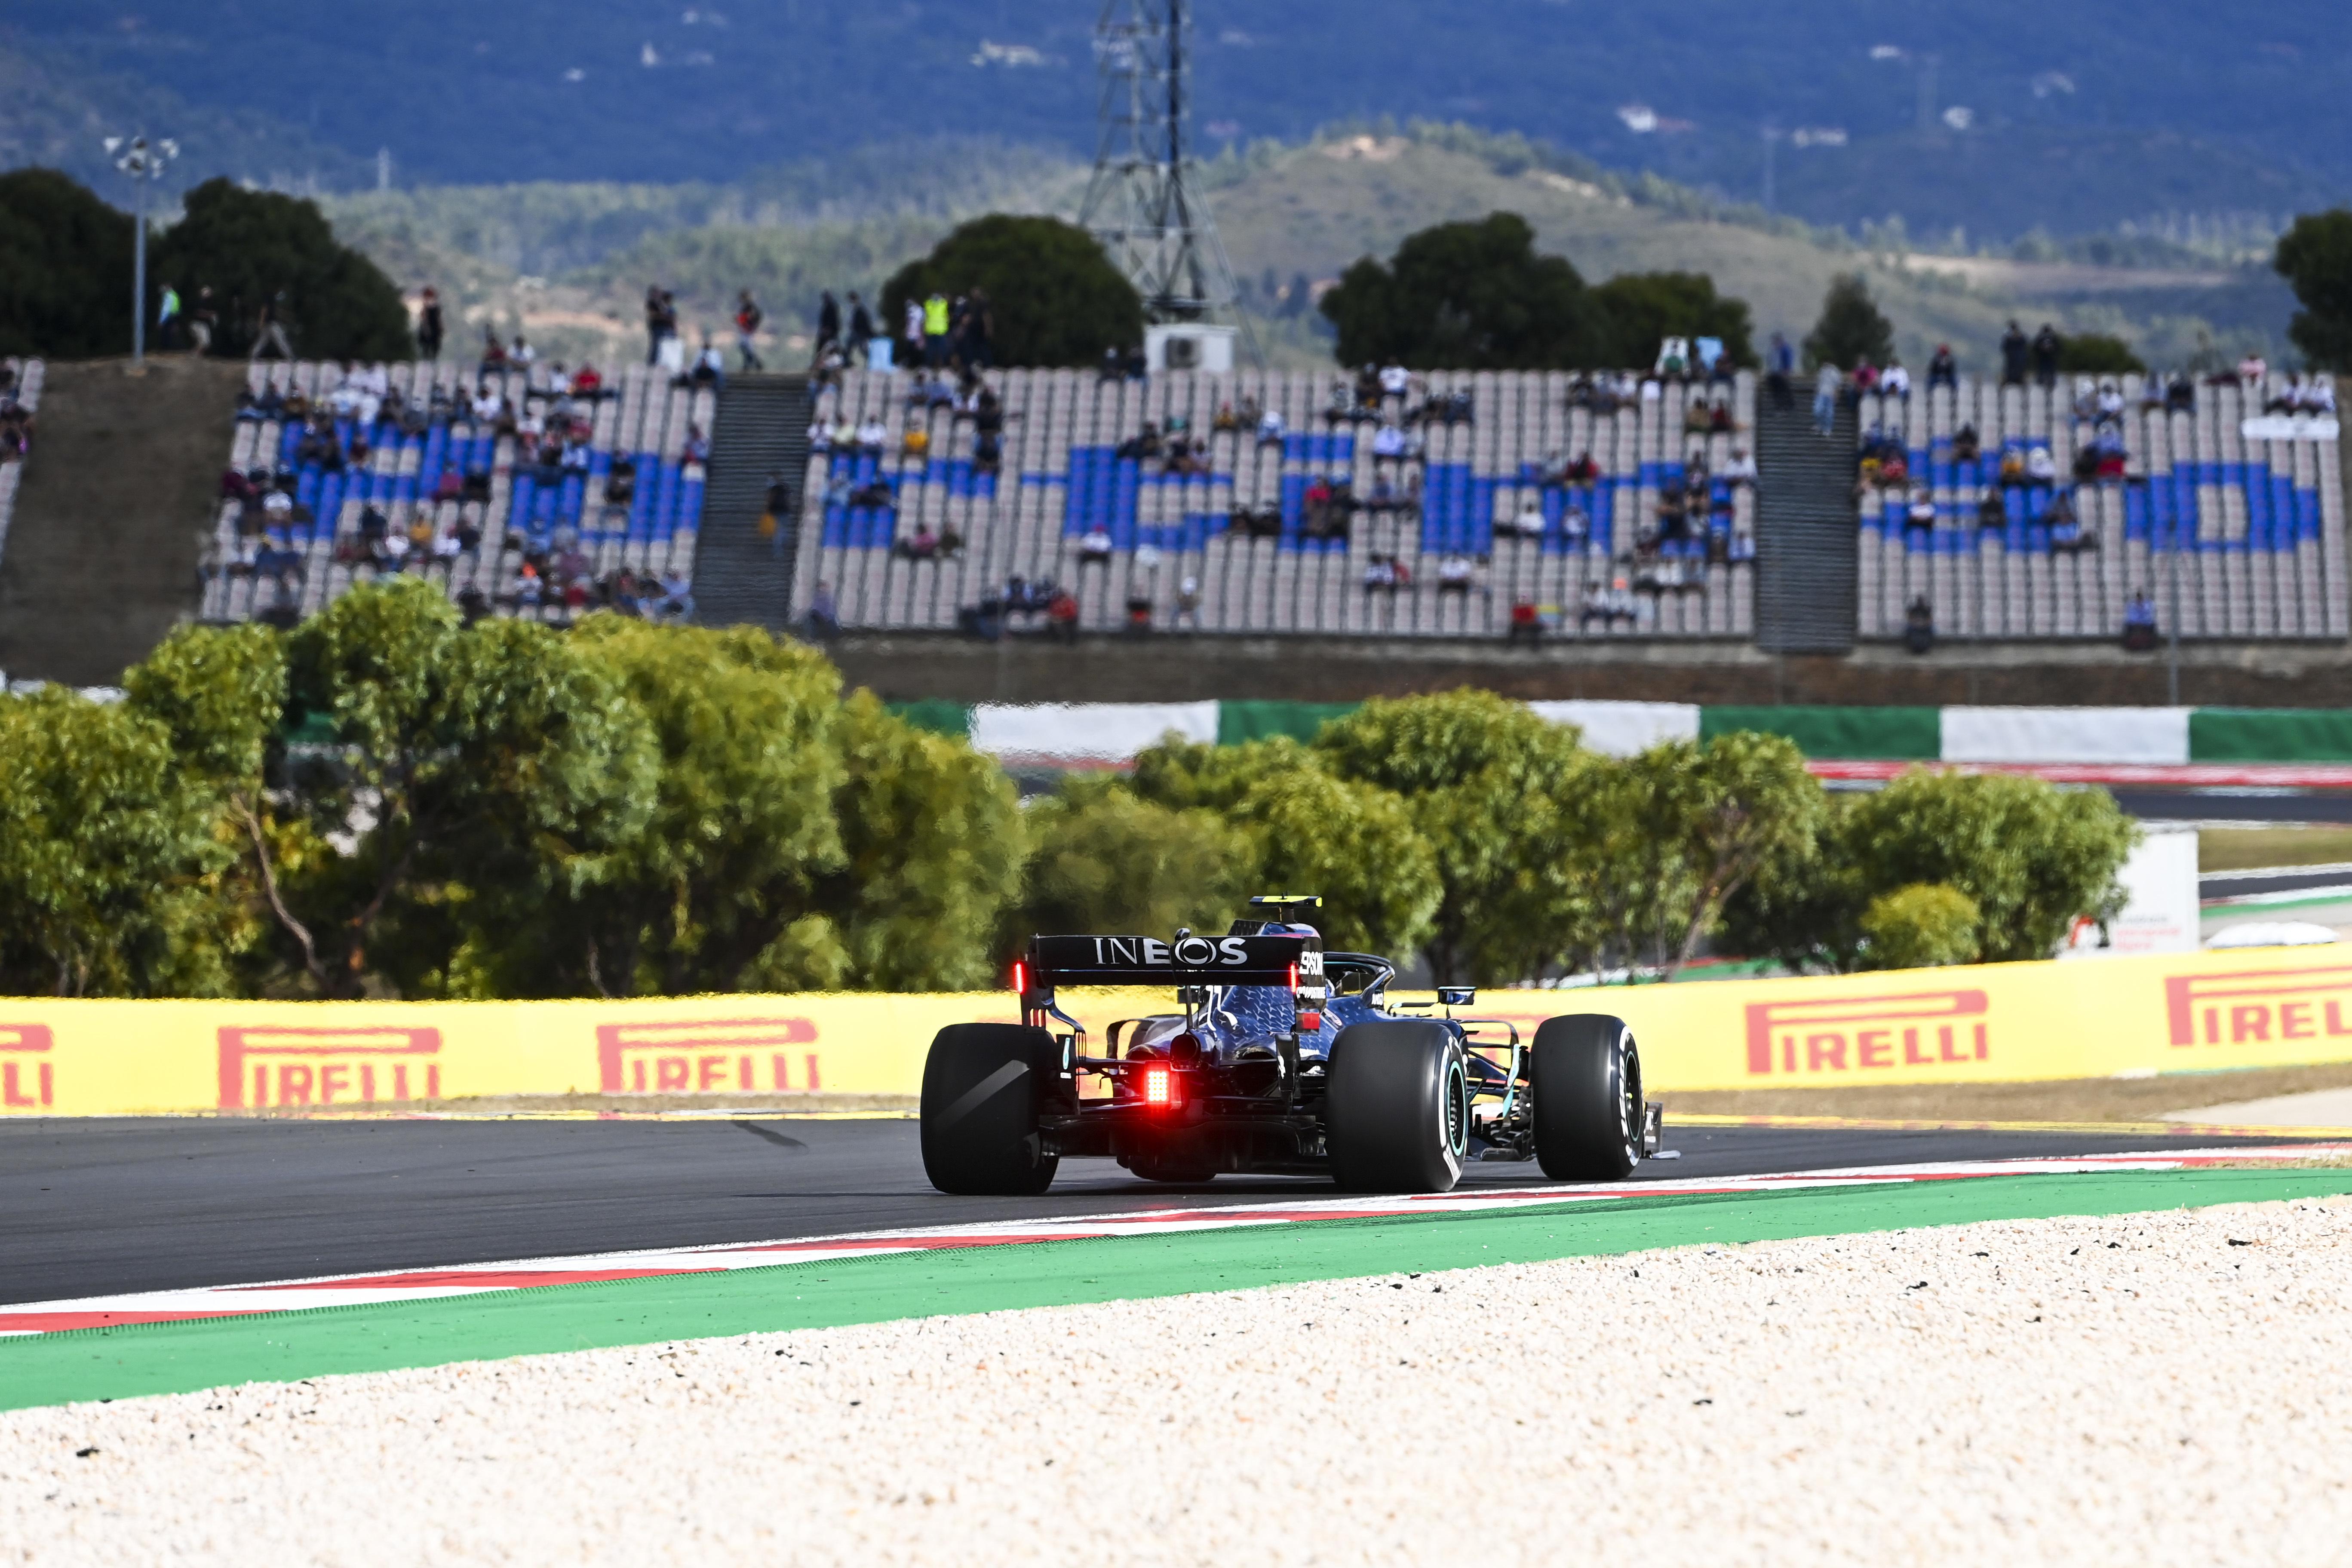 Újabb futam veszélyben, máris alternatívákkal számolnak az F1-ben